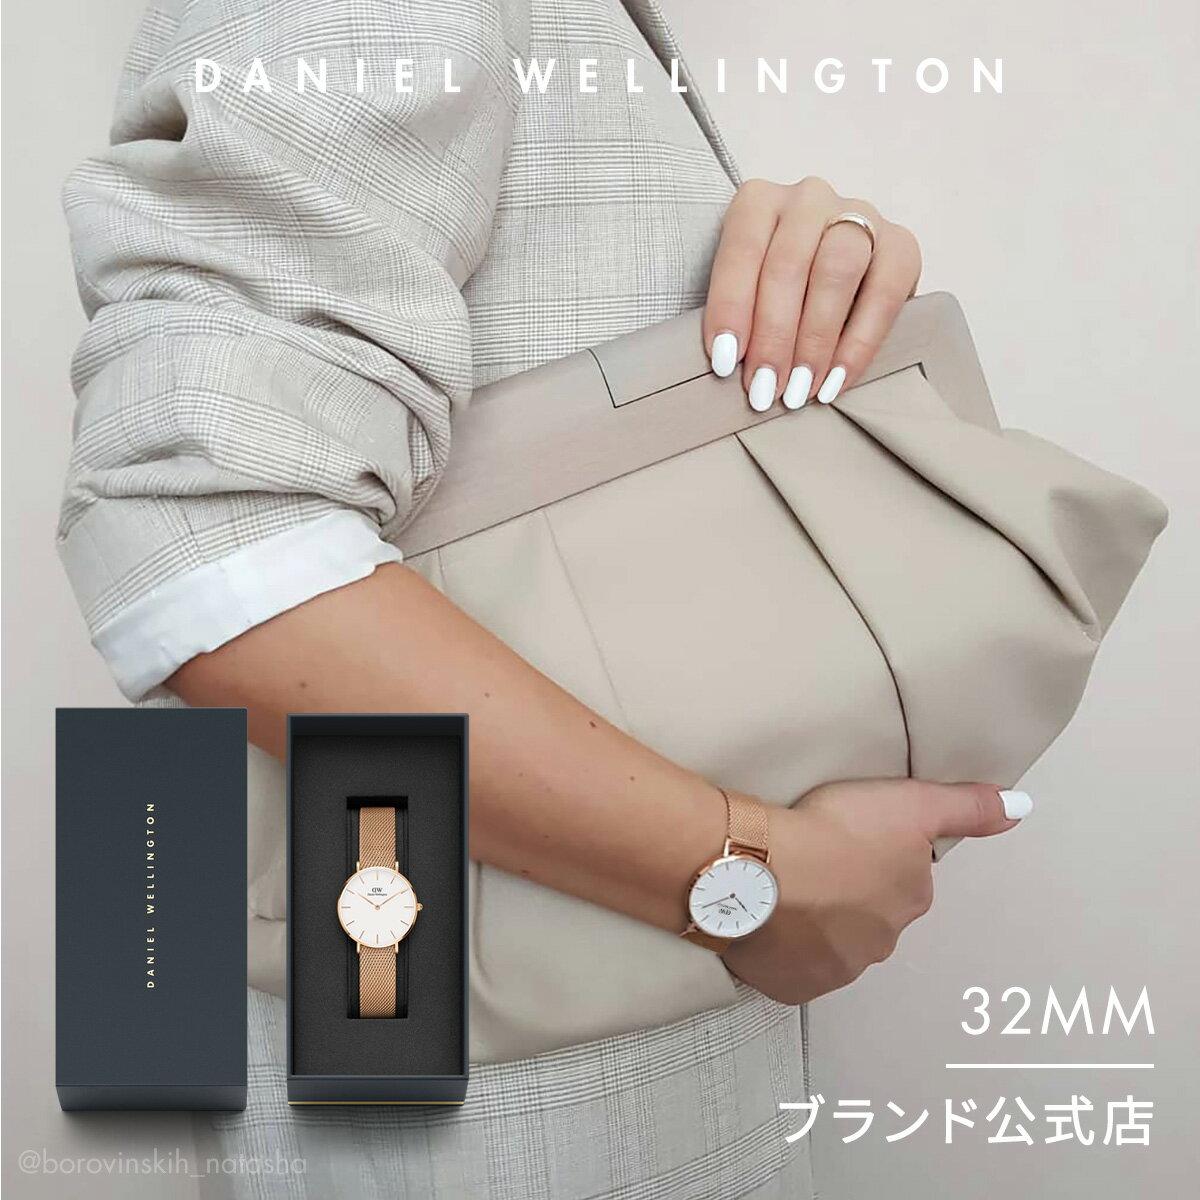 【公式2年保証/送料無料】ダニエルウェリントン公式 レディース 腕時計 Classic Petite Melrose 32mm メッシュ ベルト クラシック ぺティート メルローズ DW プレゼント おしゃれ インスタ映え ブランド 彼女 彼氏 ペアスタイルに最適